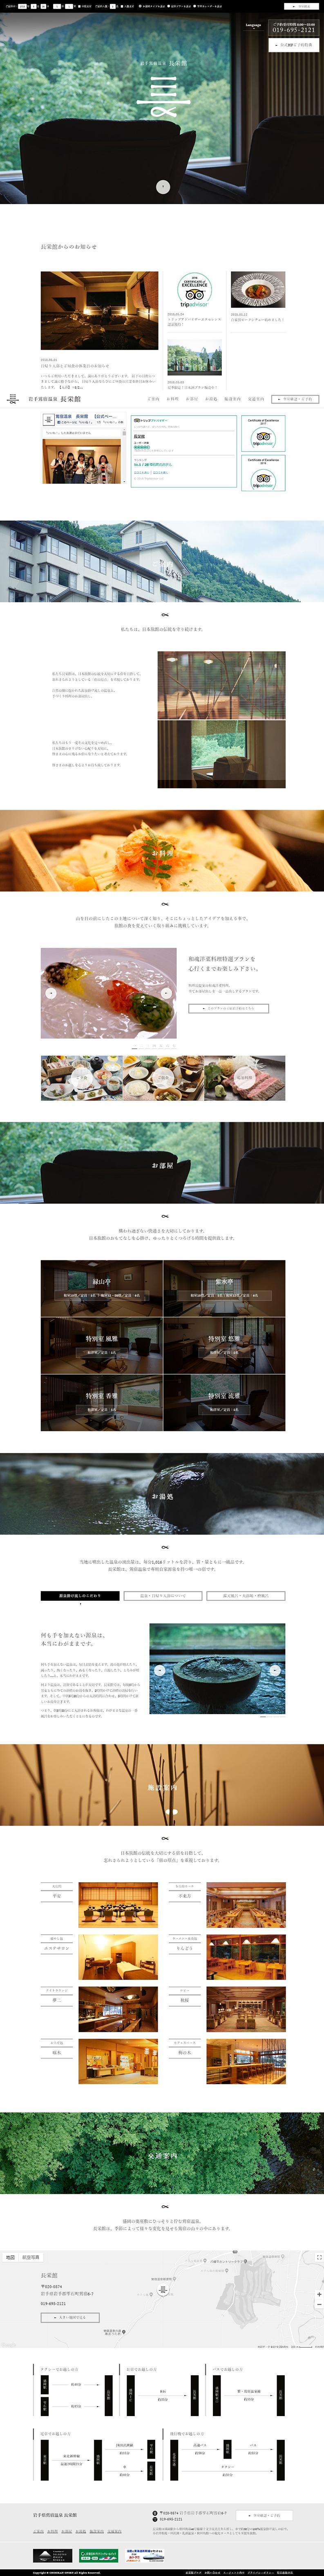 長栄館PC版イメージ